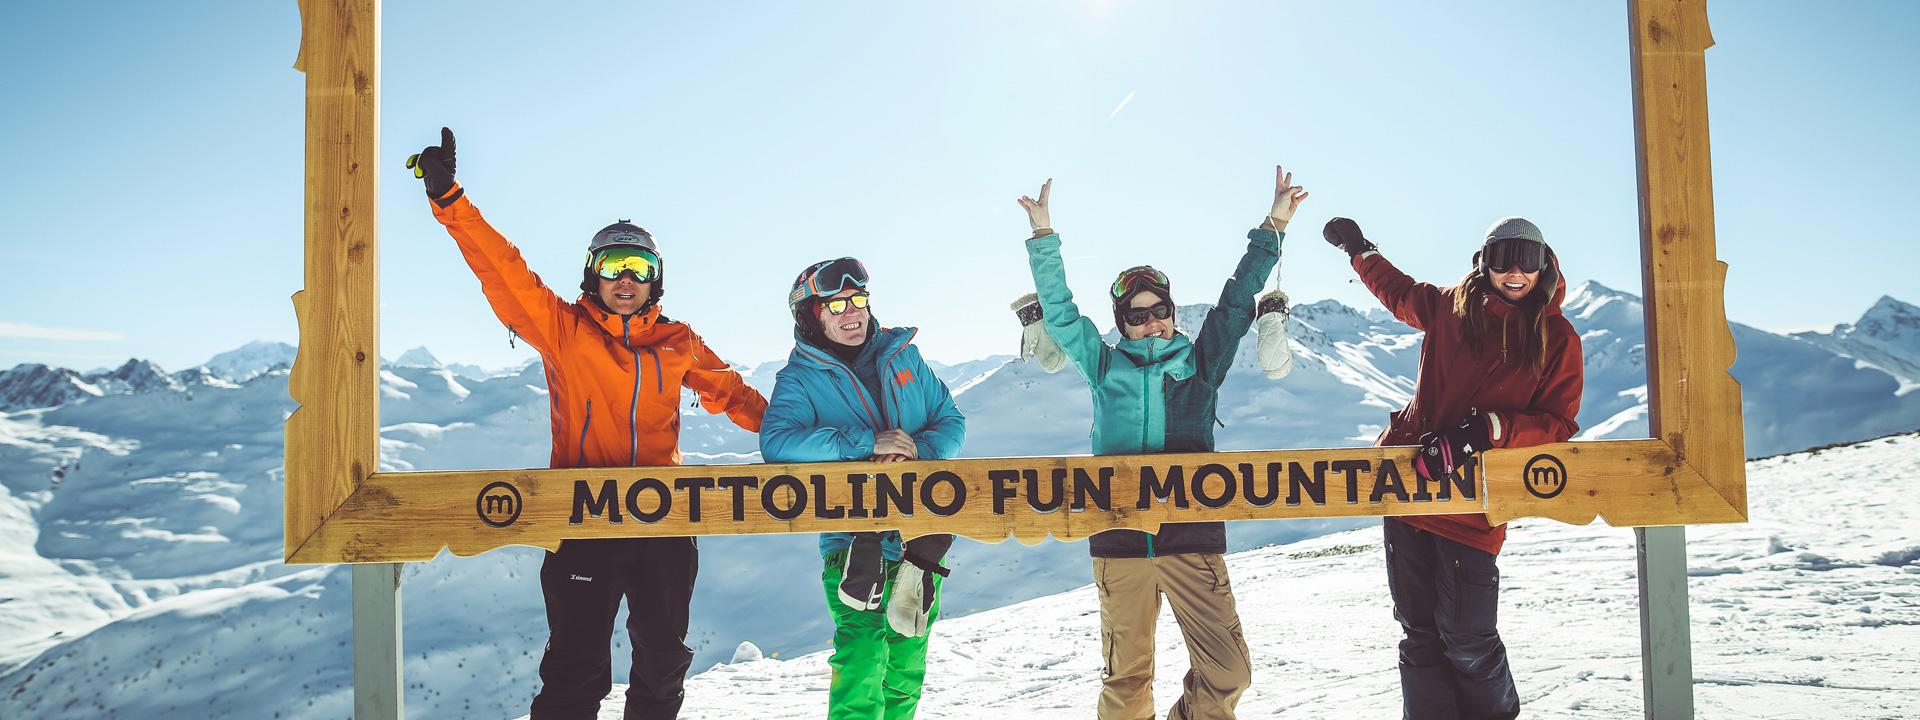 Grande divertimento in gruppo sulla ski area Mottolino a Livigno